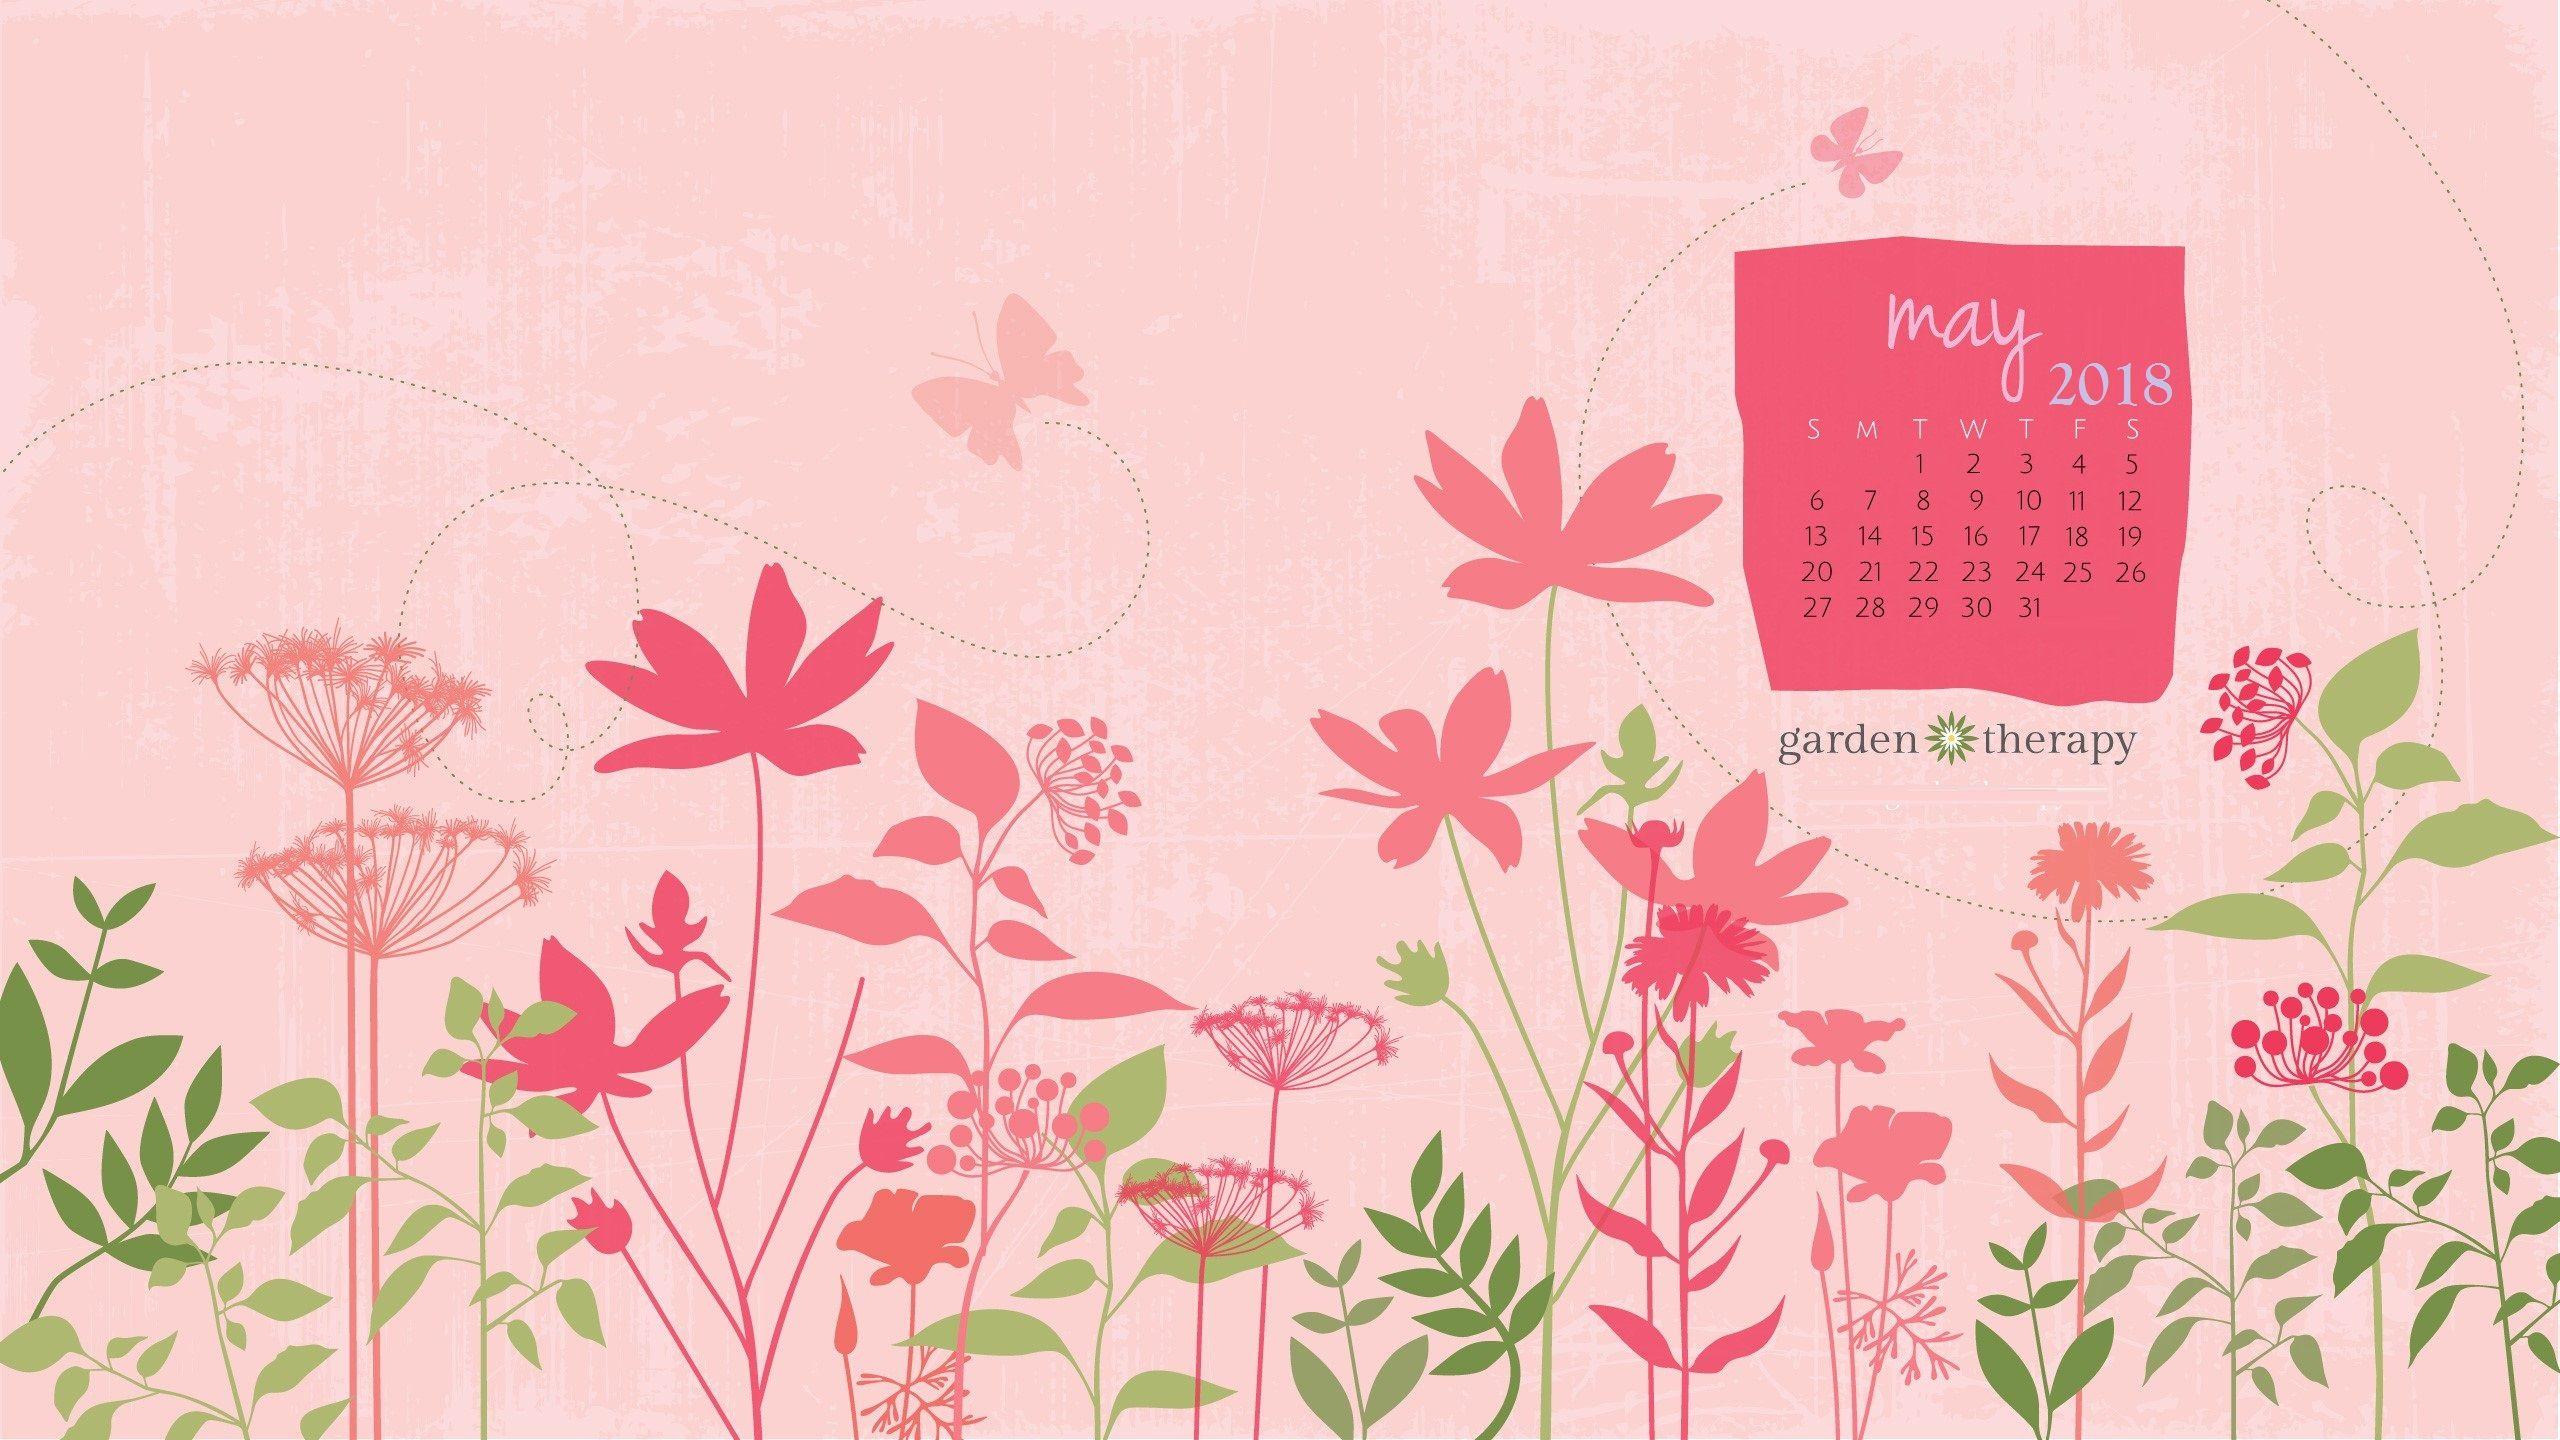 Garden Therapy May 2018 Desktop Calendar 2560x1440 MaxCalendars 2560x1440